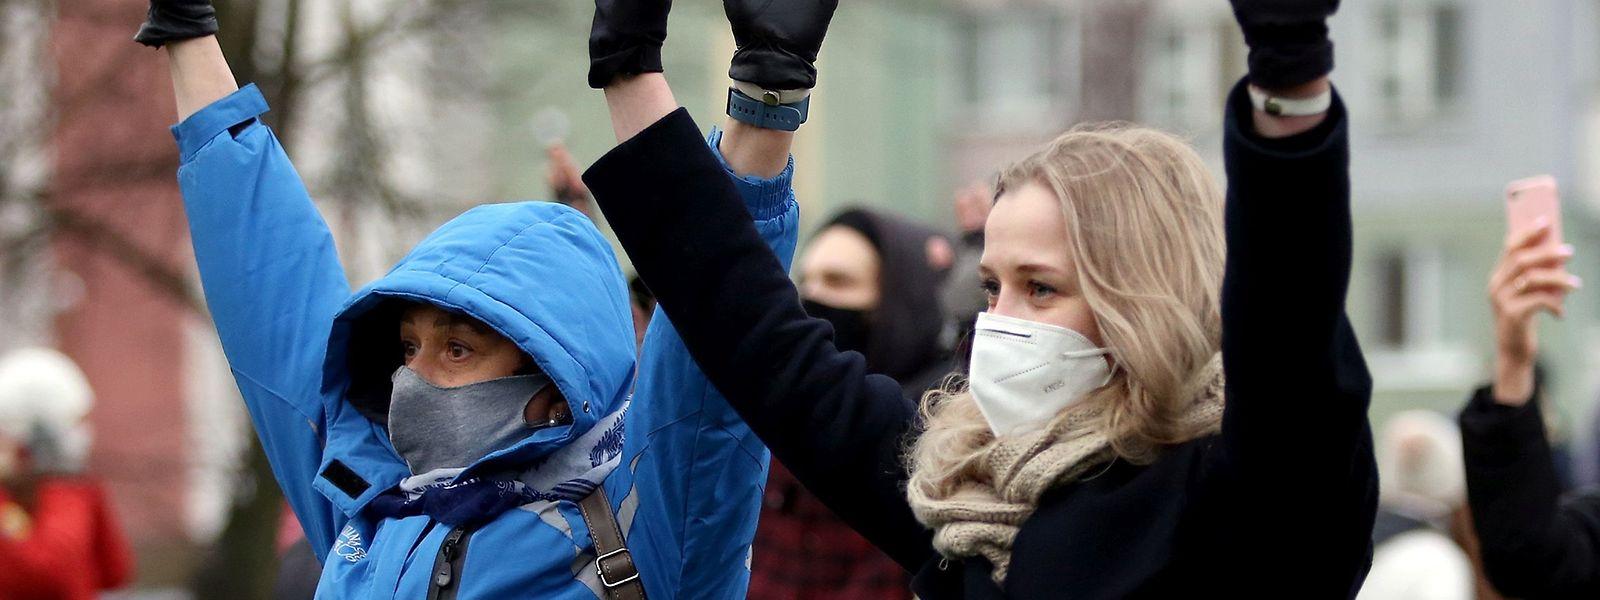 Die Demonstranten in Minsk lassen sich vom Machtapparat nicht beeindrucken. Zum 15. Mal in Serie fanden Sonntagsdemonstrationen statt.